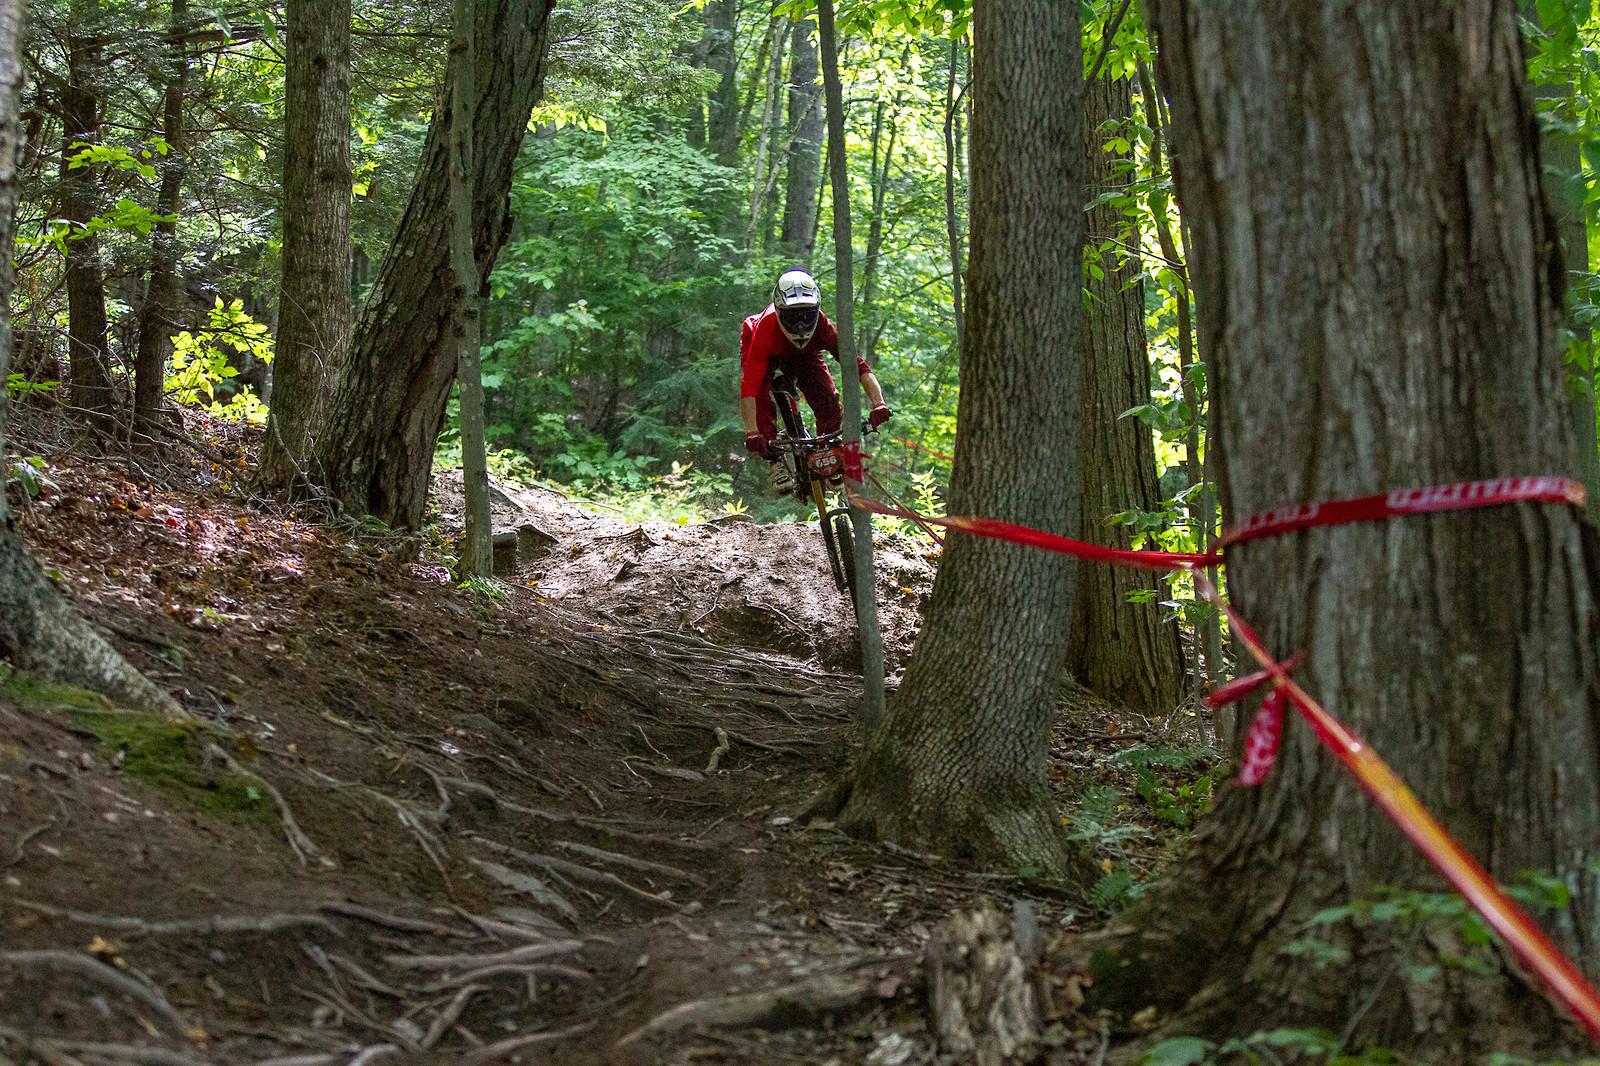 Keith Sullivan - JackRice - Mountain Biking Pictures - Vital MTB